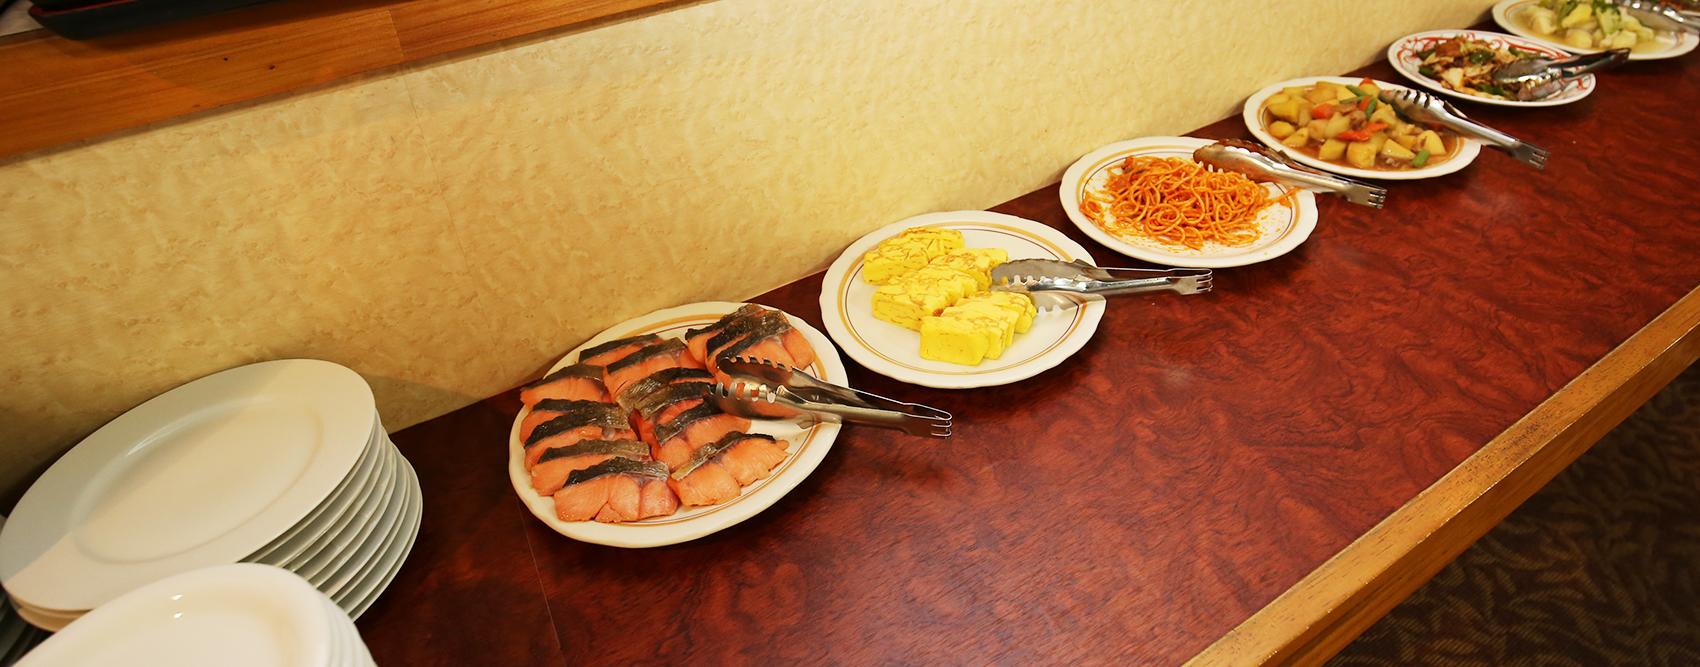 四日市のアポアホテルは地産地消にこだわった手作りの元気朝食です